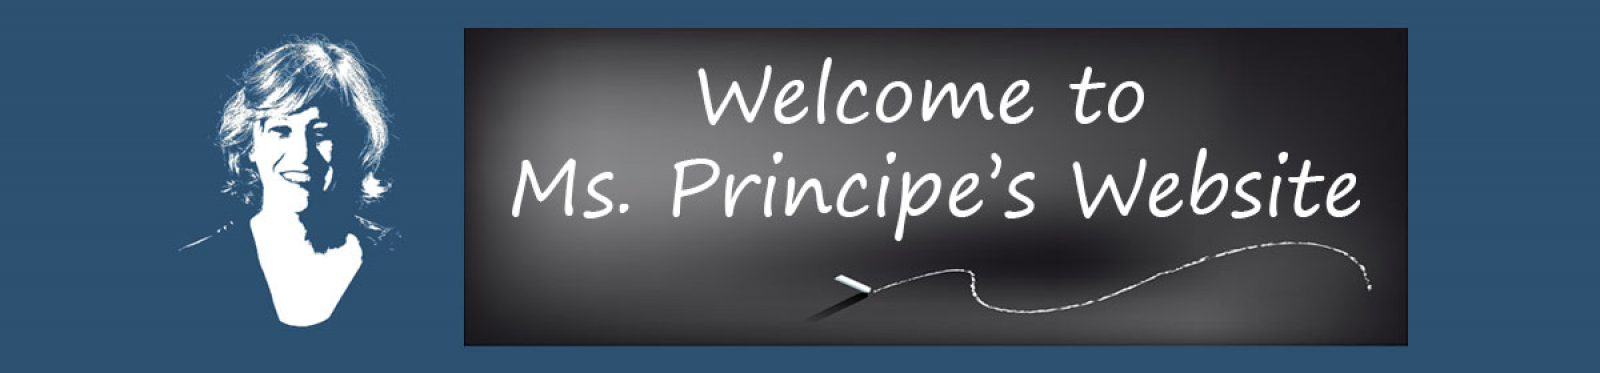 Ms. Principe's Website